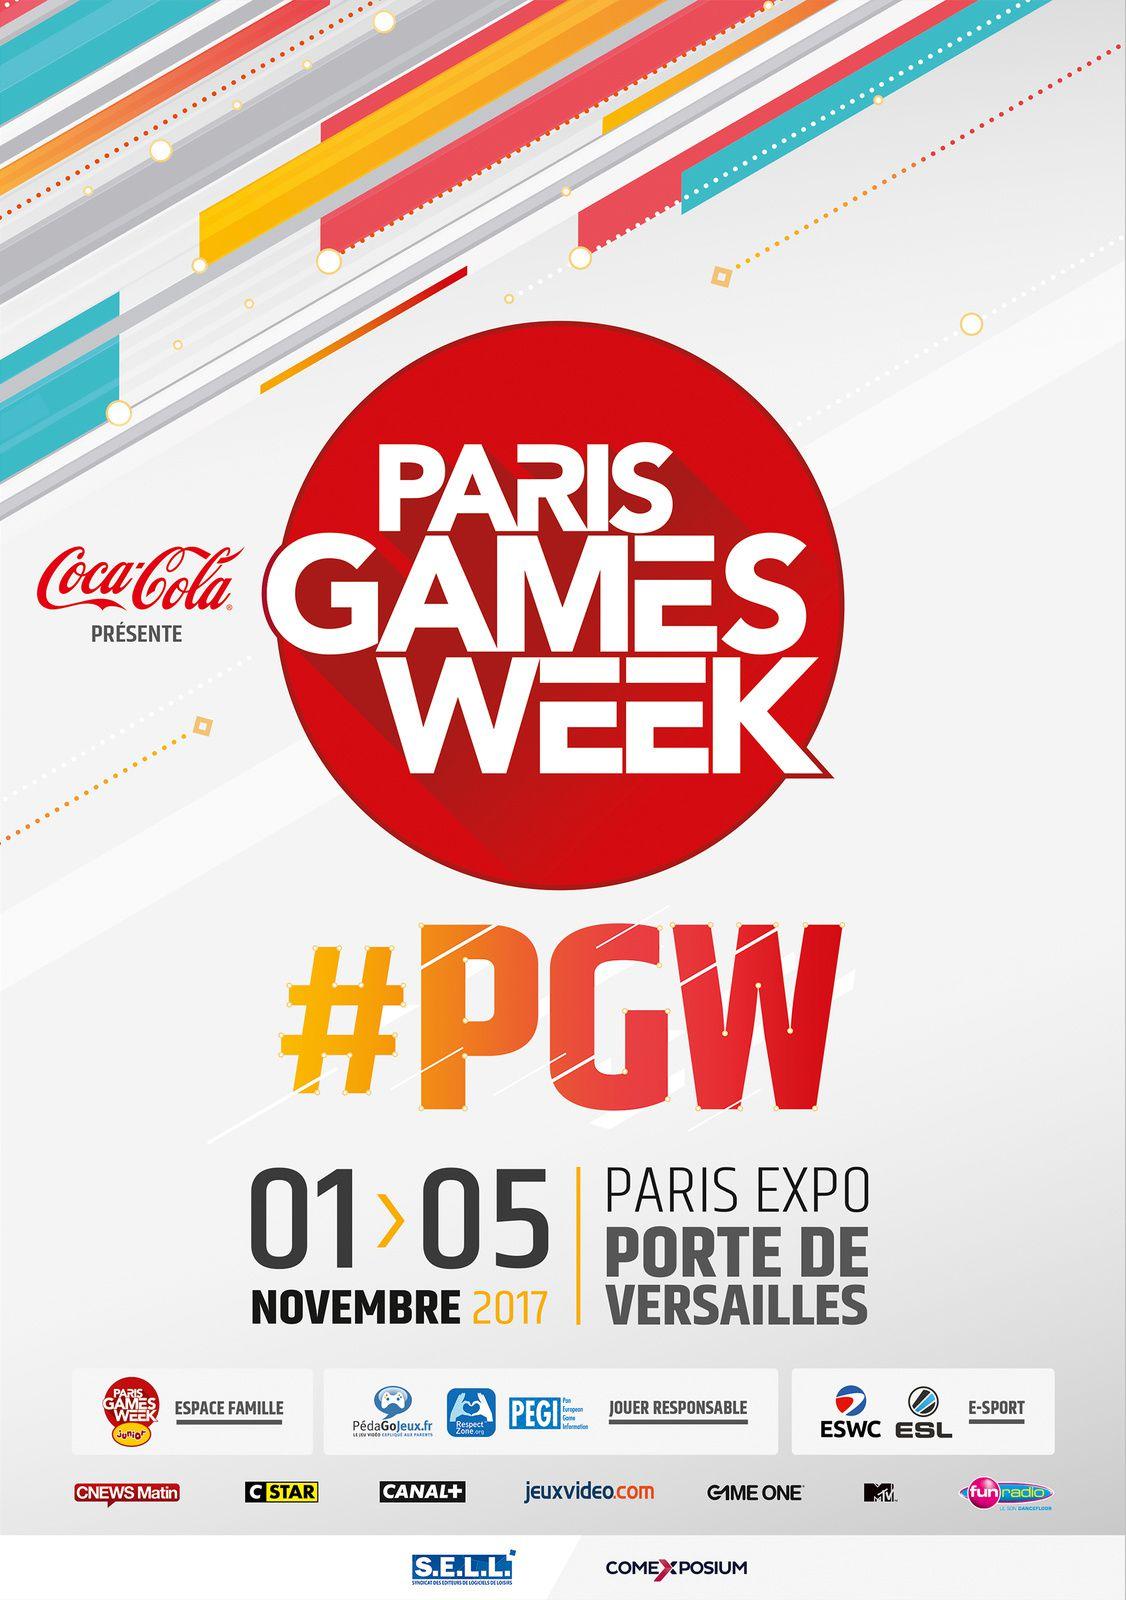 QUOI ? PARIS GAMES WEEK ?? Allez, Allons-y...